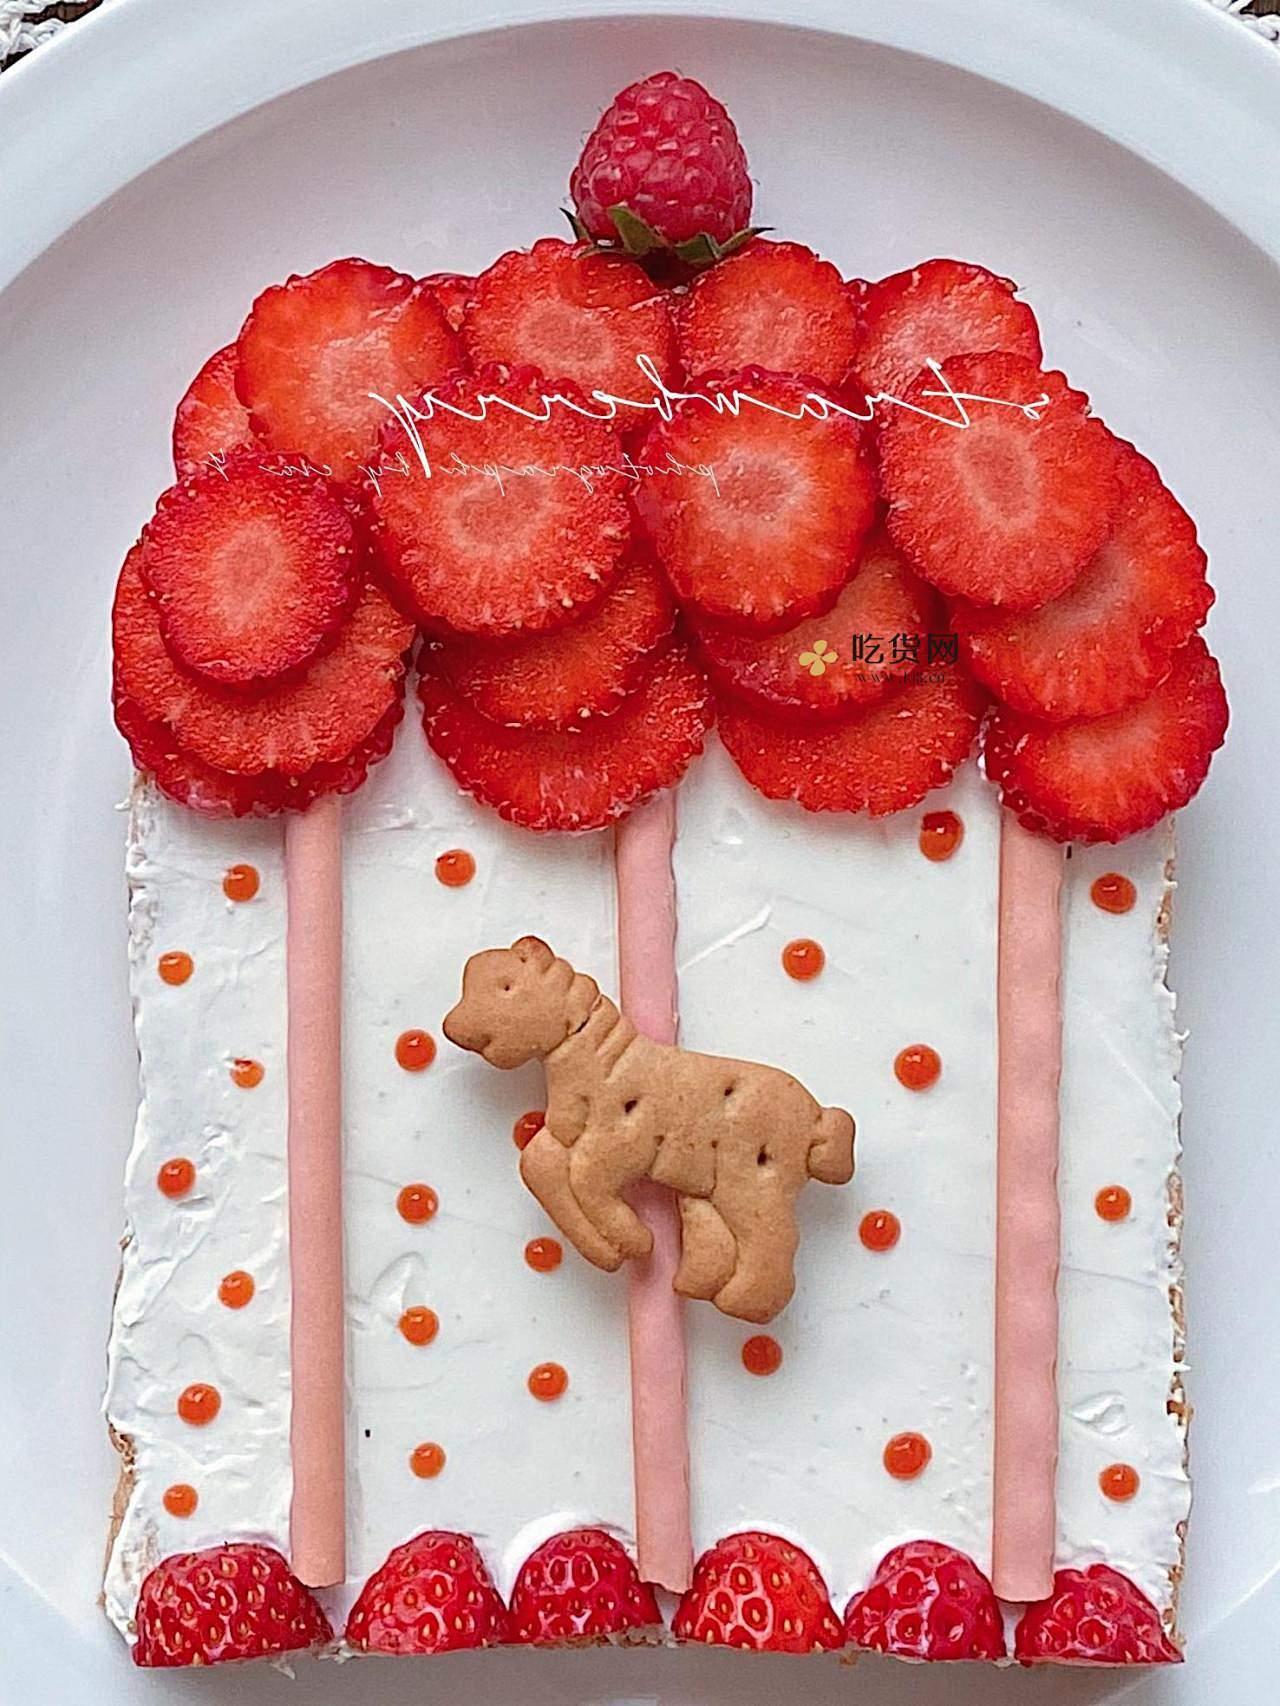 趣味早餐🔥童话世界❤️旋转木马🎠水果吐司的做法 步骤6